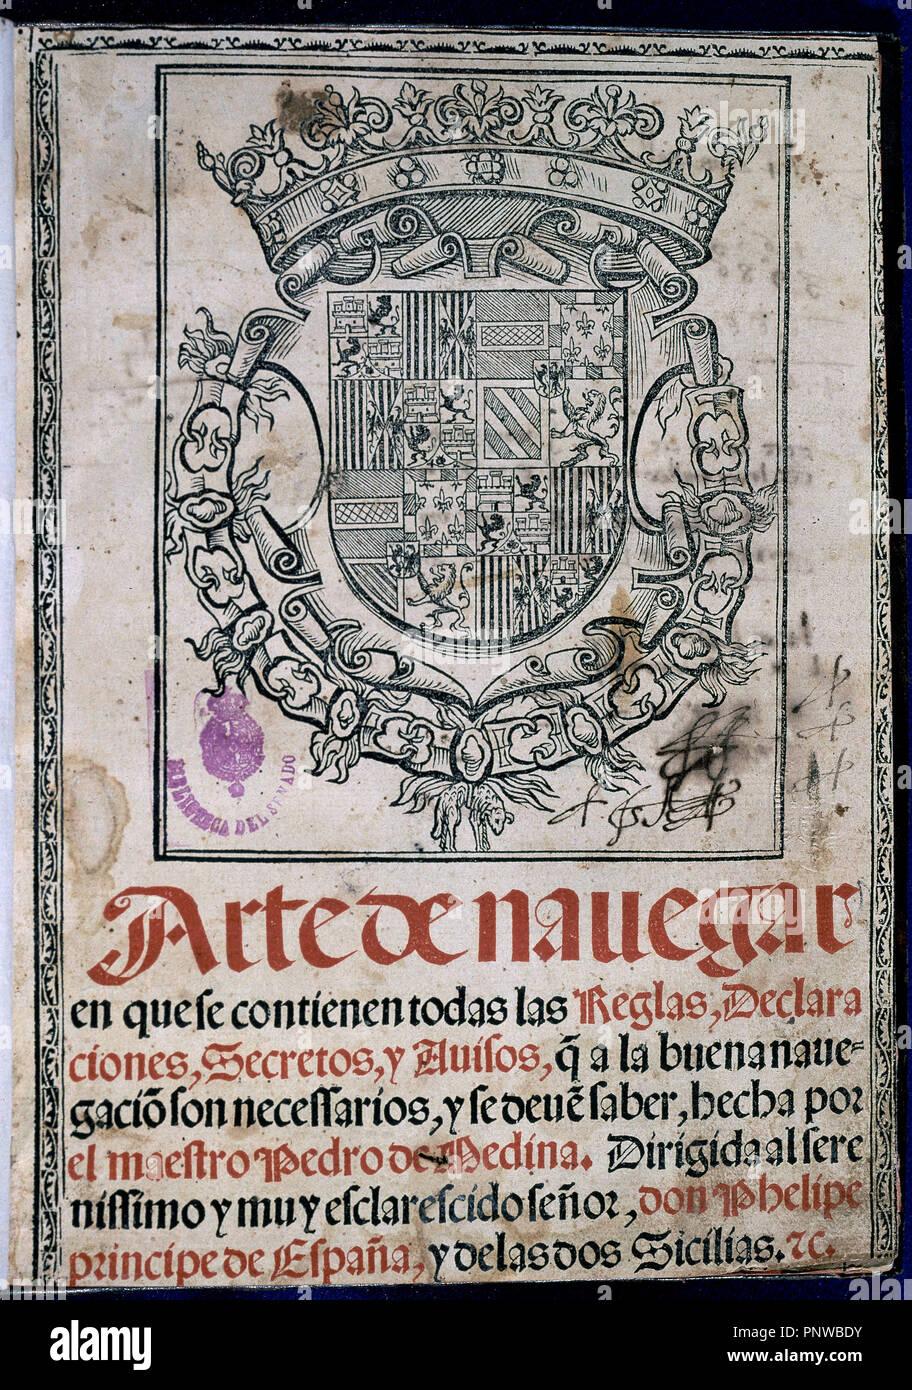 ARTE DE NAVEGAR - VALLADOLID - 1545. Author: DE MEDINA, PEDRO. Location: SENADO-BIBLIOTECA-COLECCION. MADRID. SPAIN. Stock Photo